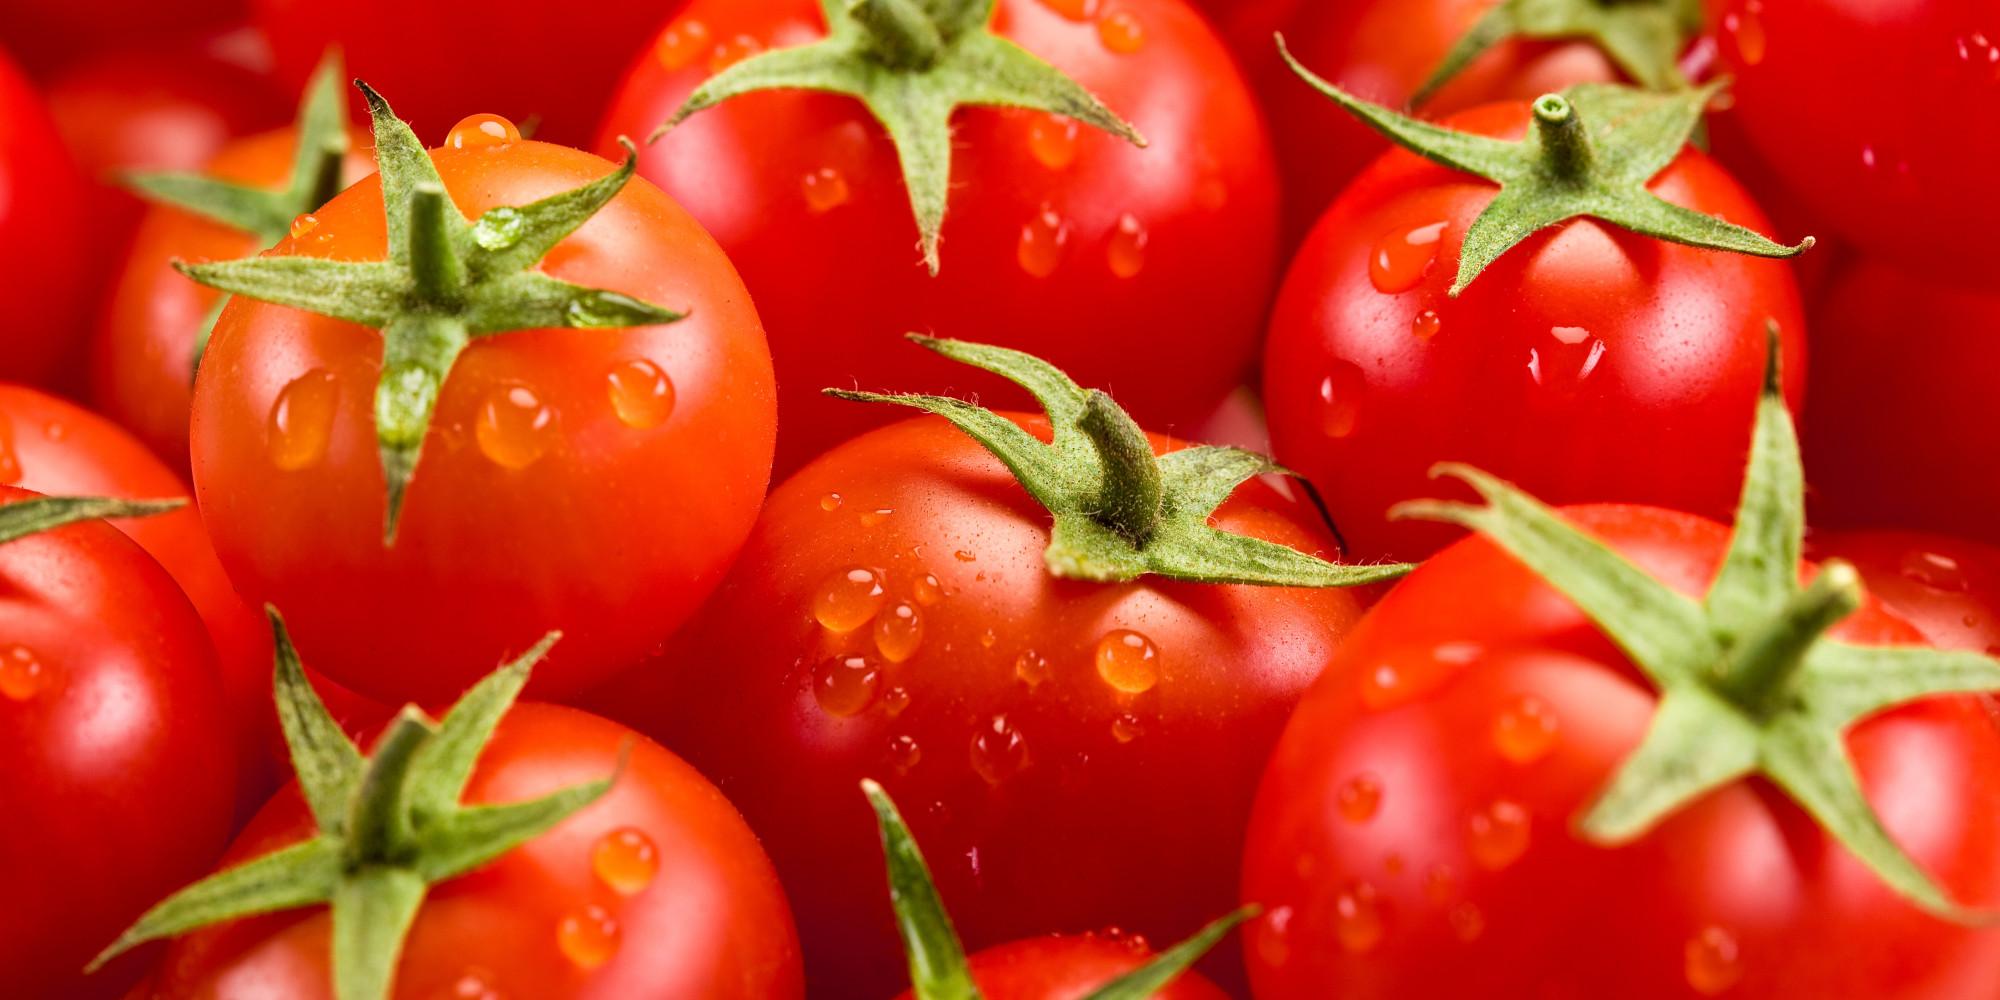 Фото по самые помидоры 1 фотография